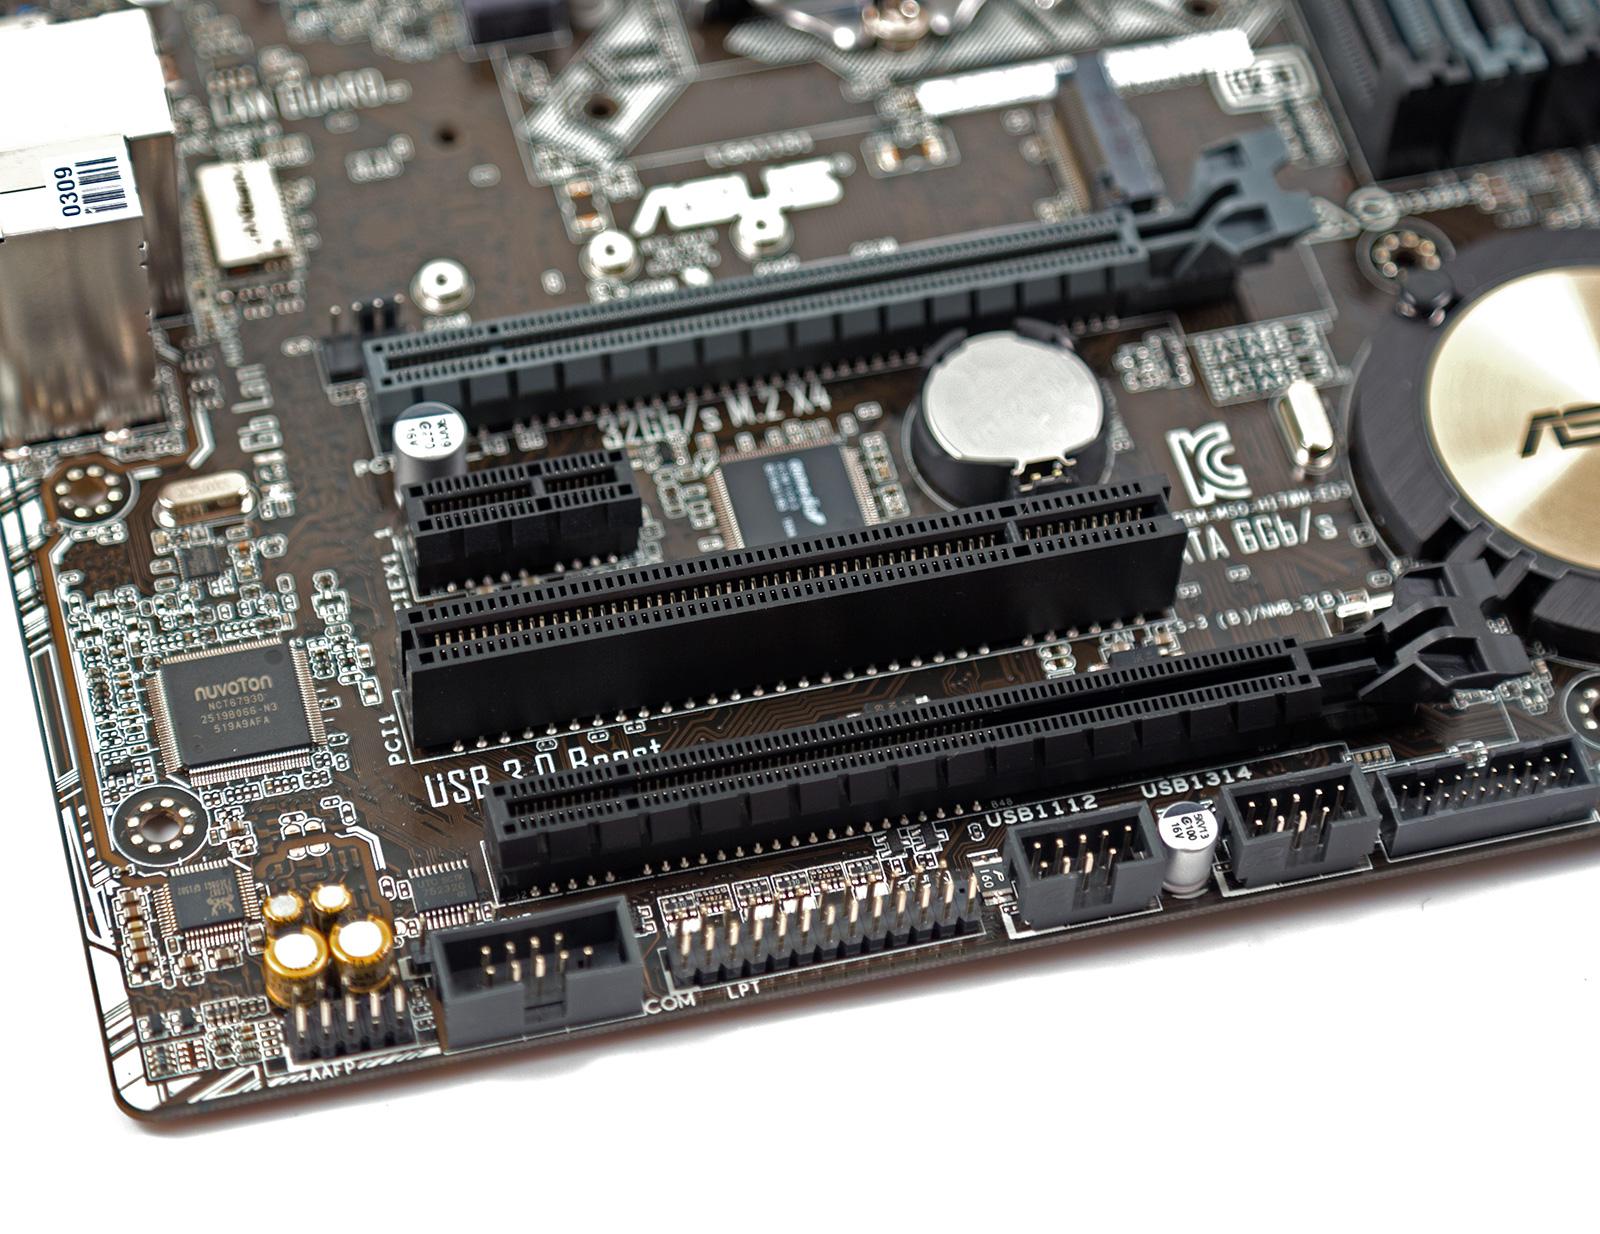 Asus Motherboard Z170m E D3 Socket Lga 11515 Daftar Harga Terbaru H170m 1151 Chipset Intel H170 Skylake